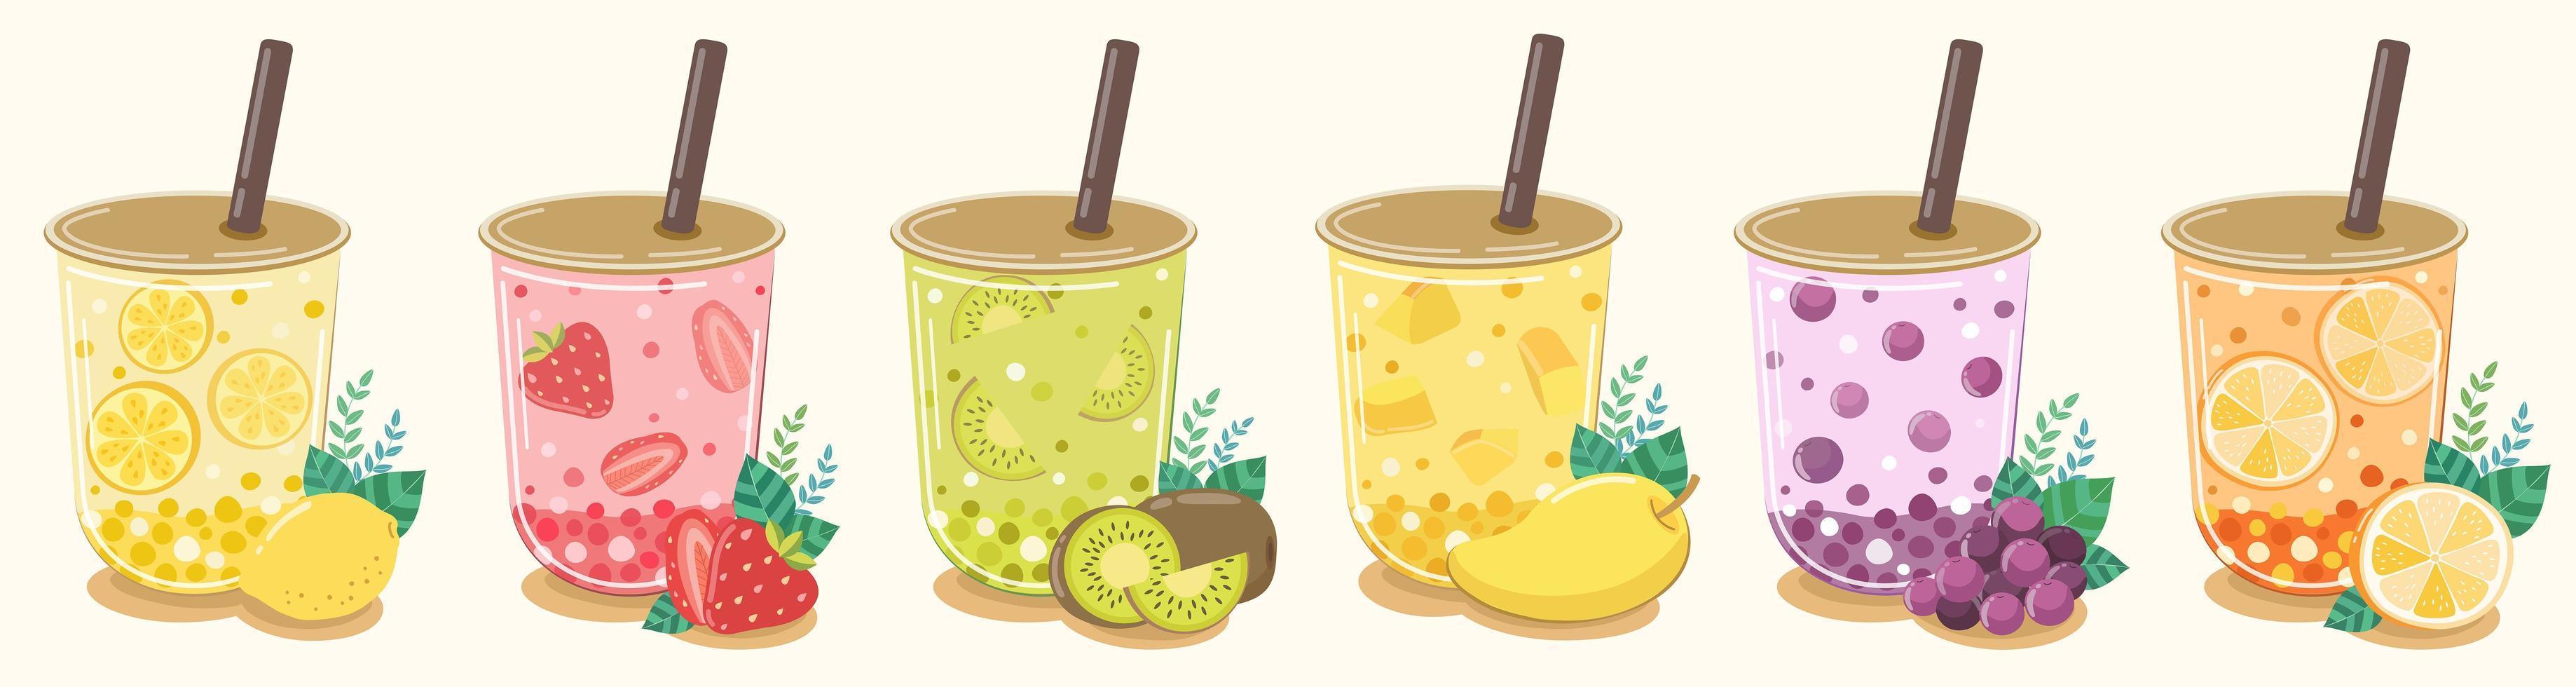 Conjunto de bebida refrescante chá de frutas com sabor de frutas vetor